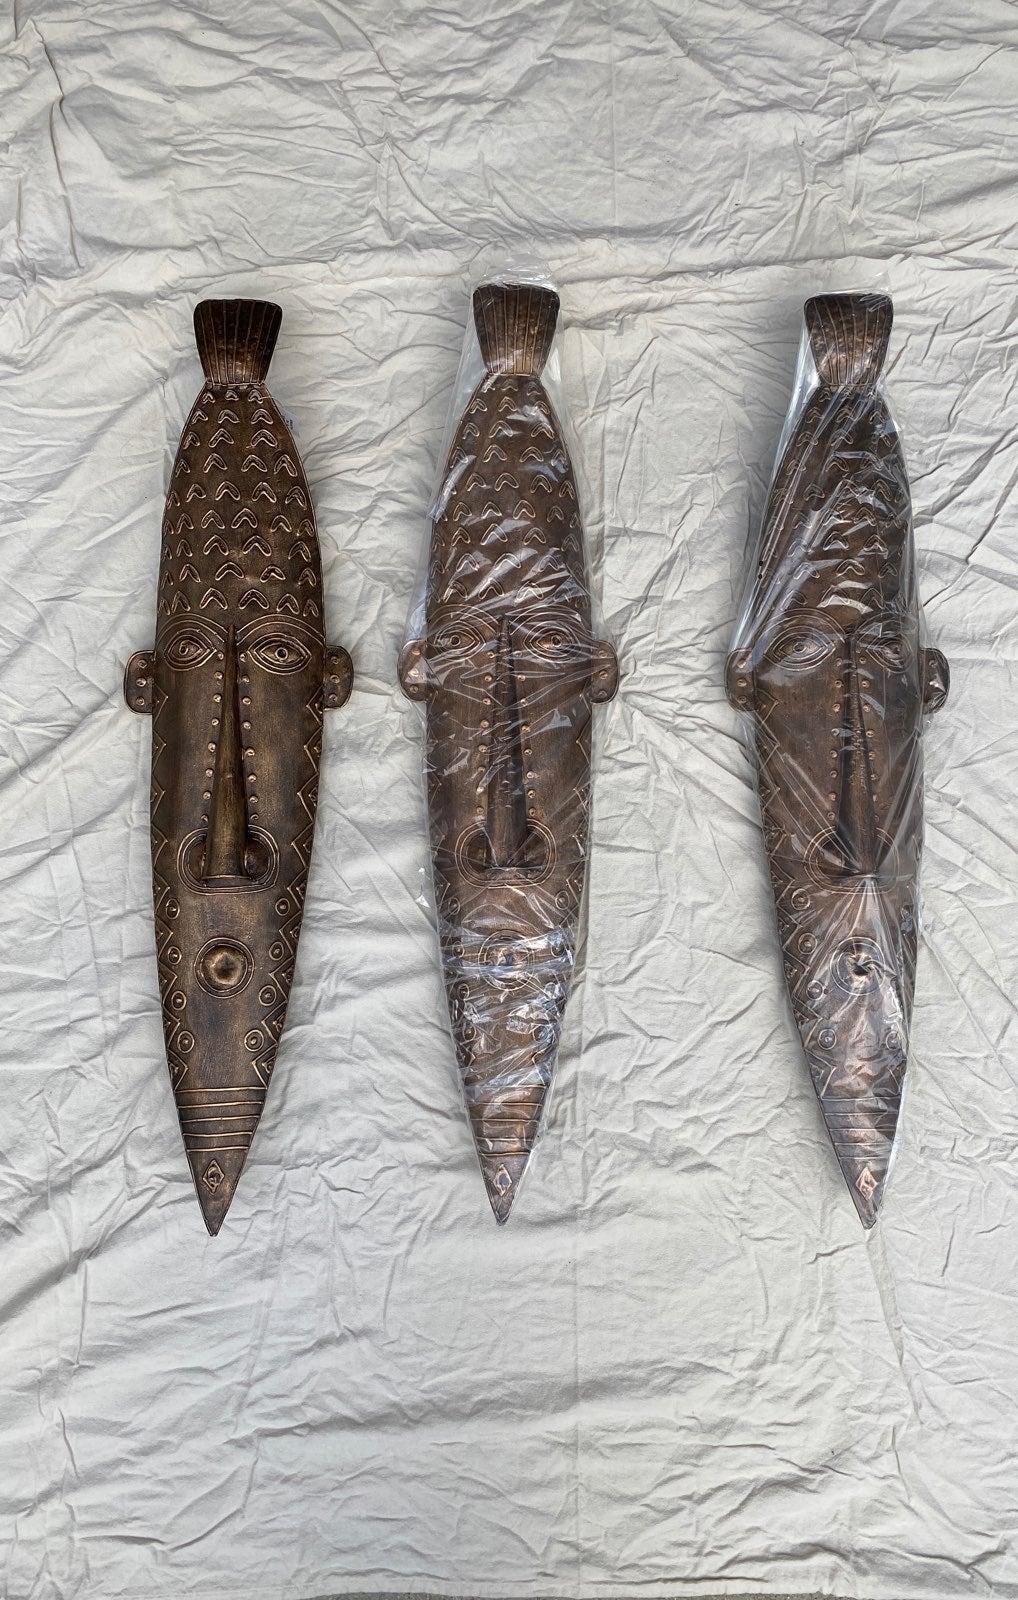 Three handmade metal masks